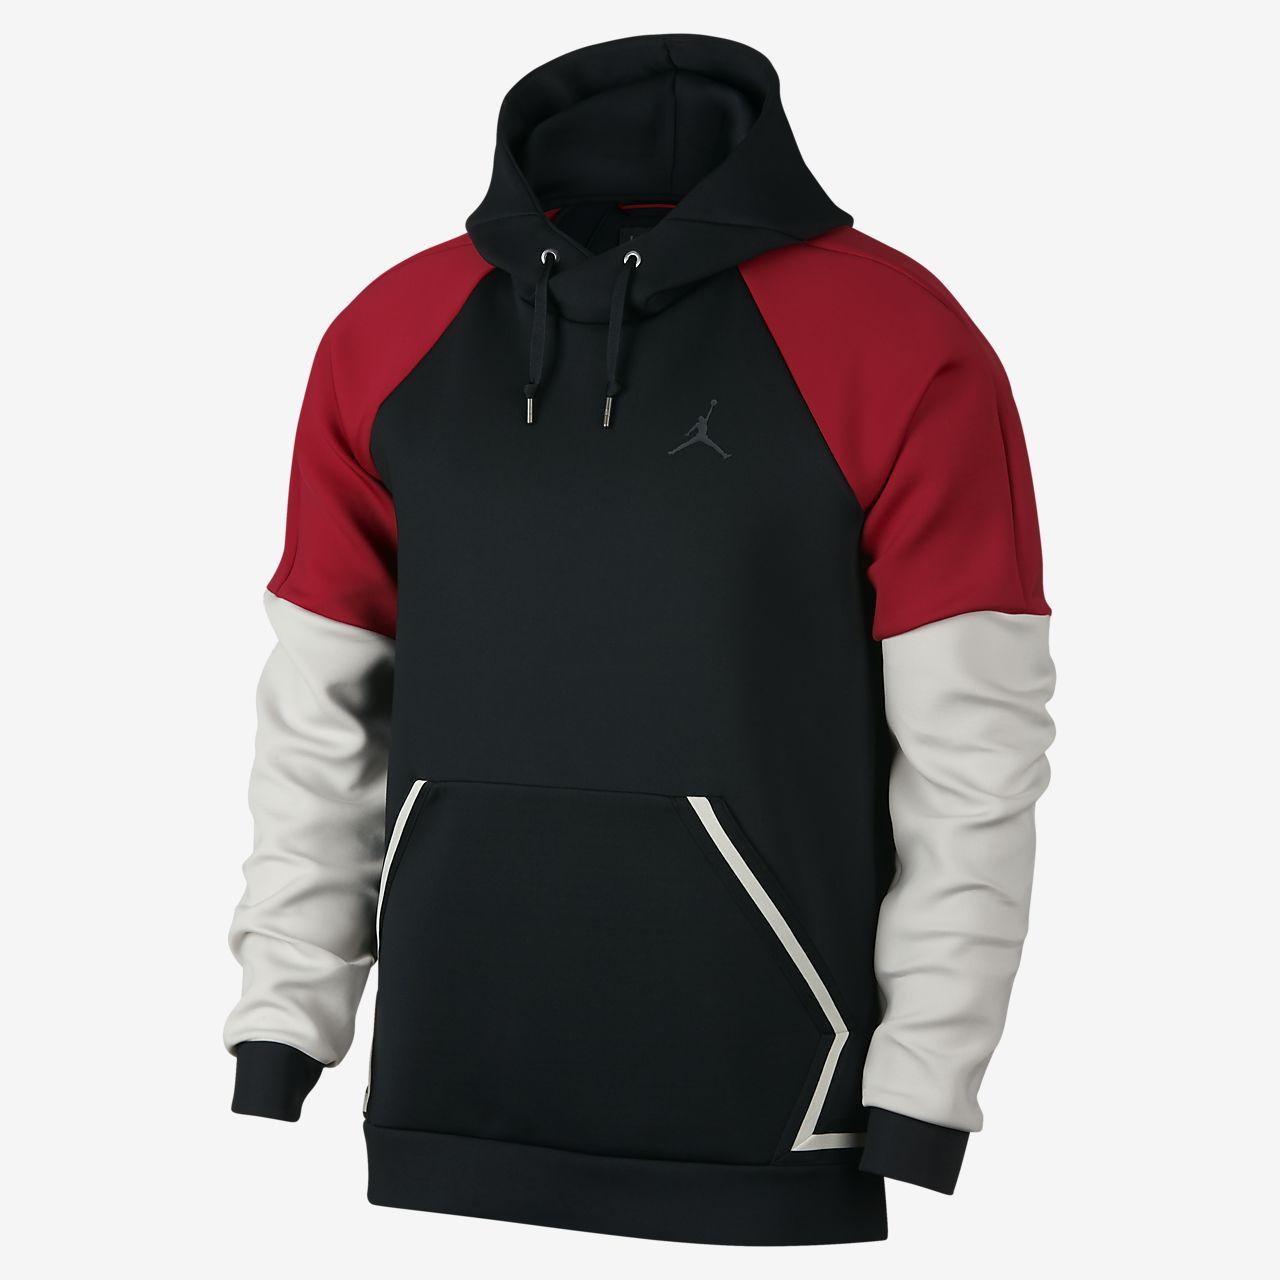 25d07a3c39ac Jordan Sportswear Flight Tech Diamond Herren-Hoodie. Nike.com LU